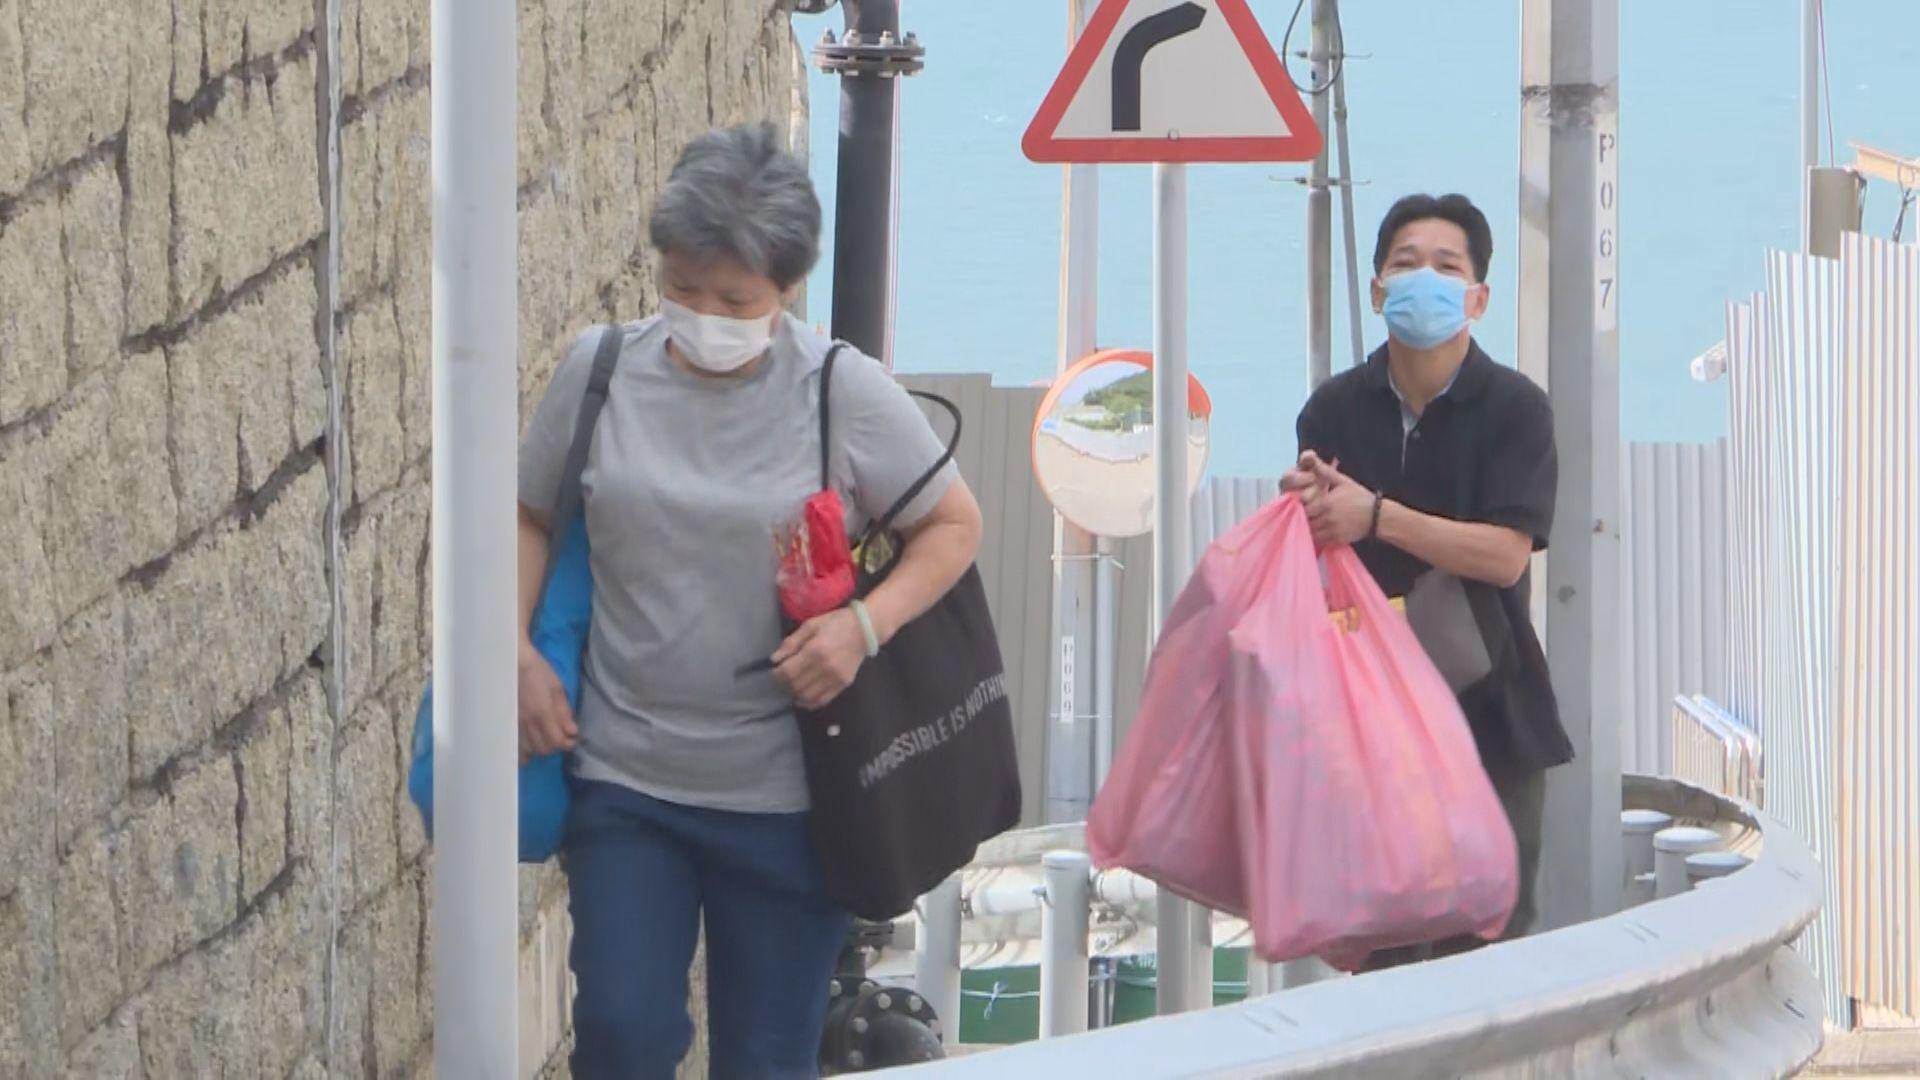 【重陽節】市民掃墓特別注意衞生及防疫規例